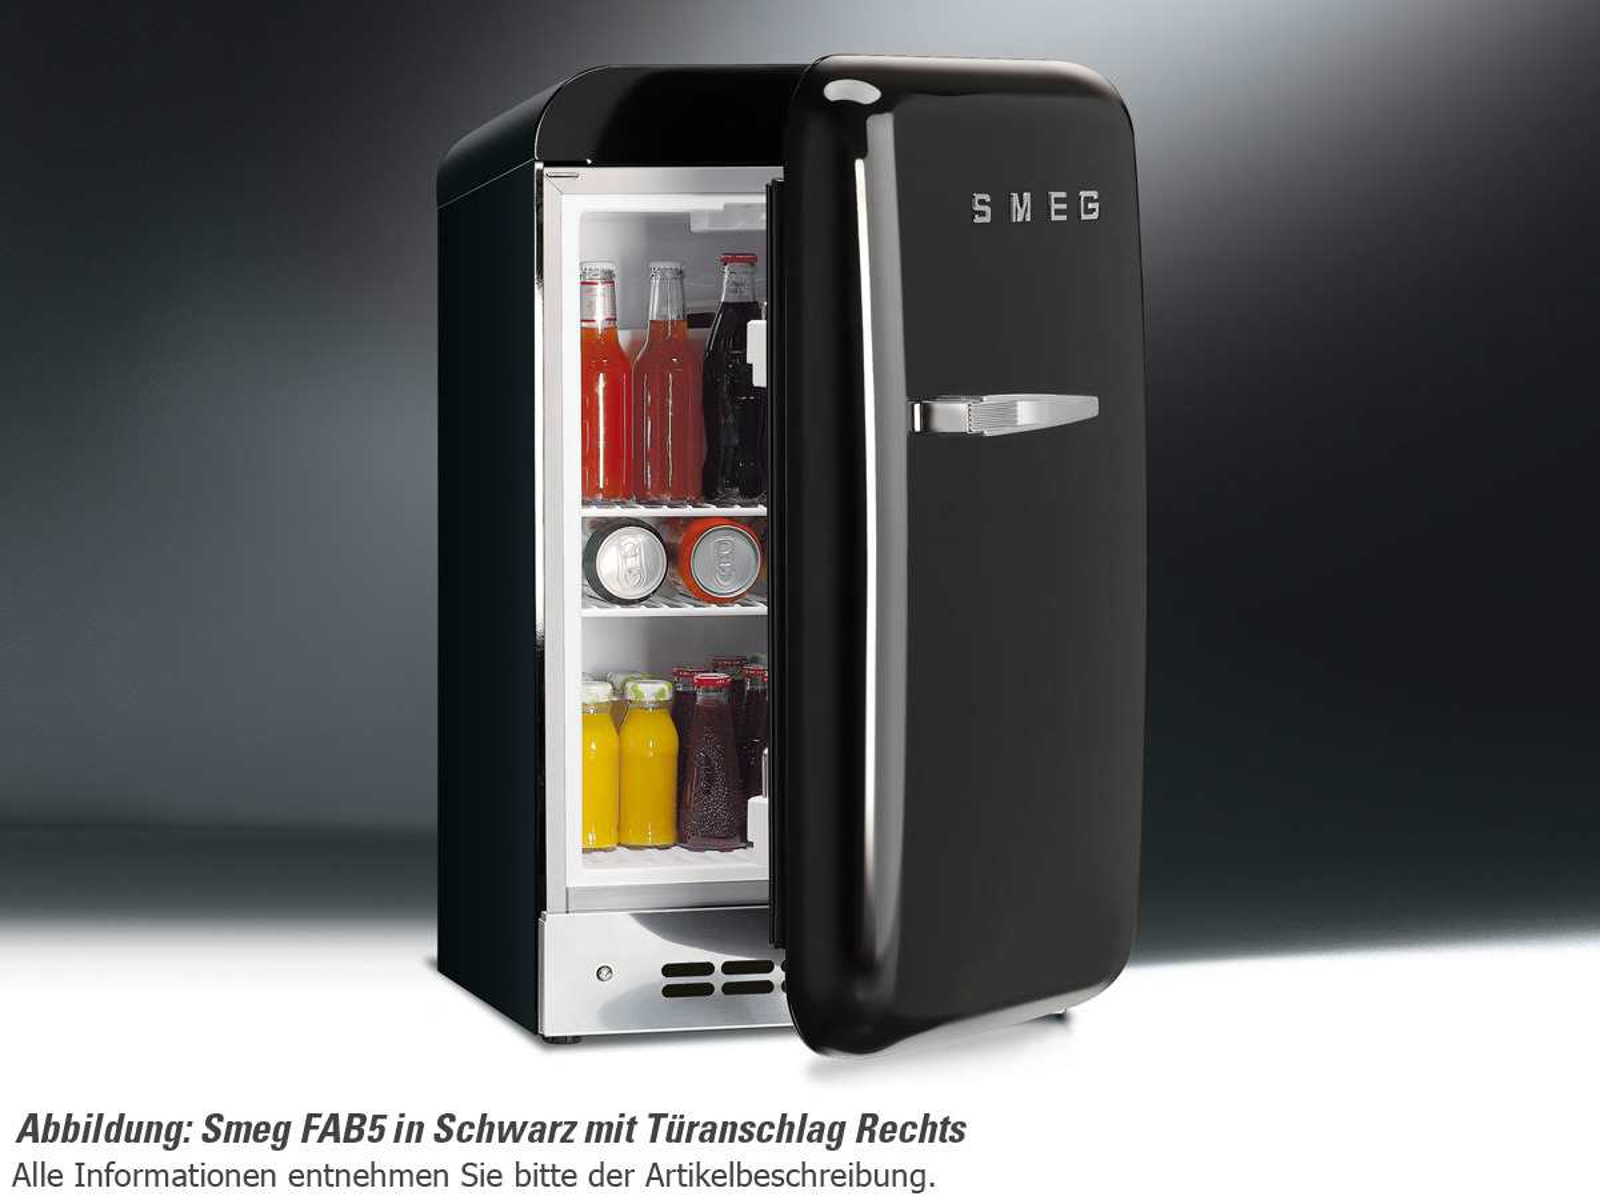 Gorenje Kühlschrank Macht Komische Geräusche : Smeg kühlschrank laute geräusche gorenje rk ord kühl